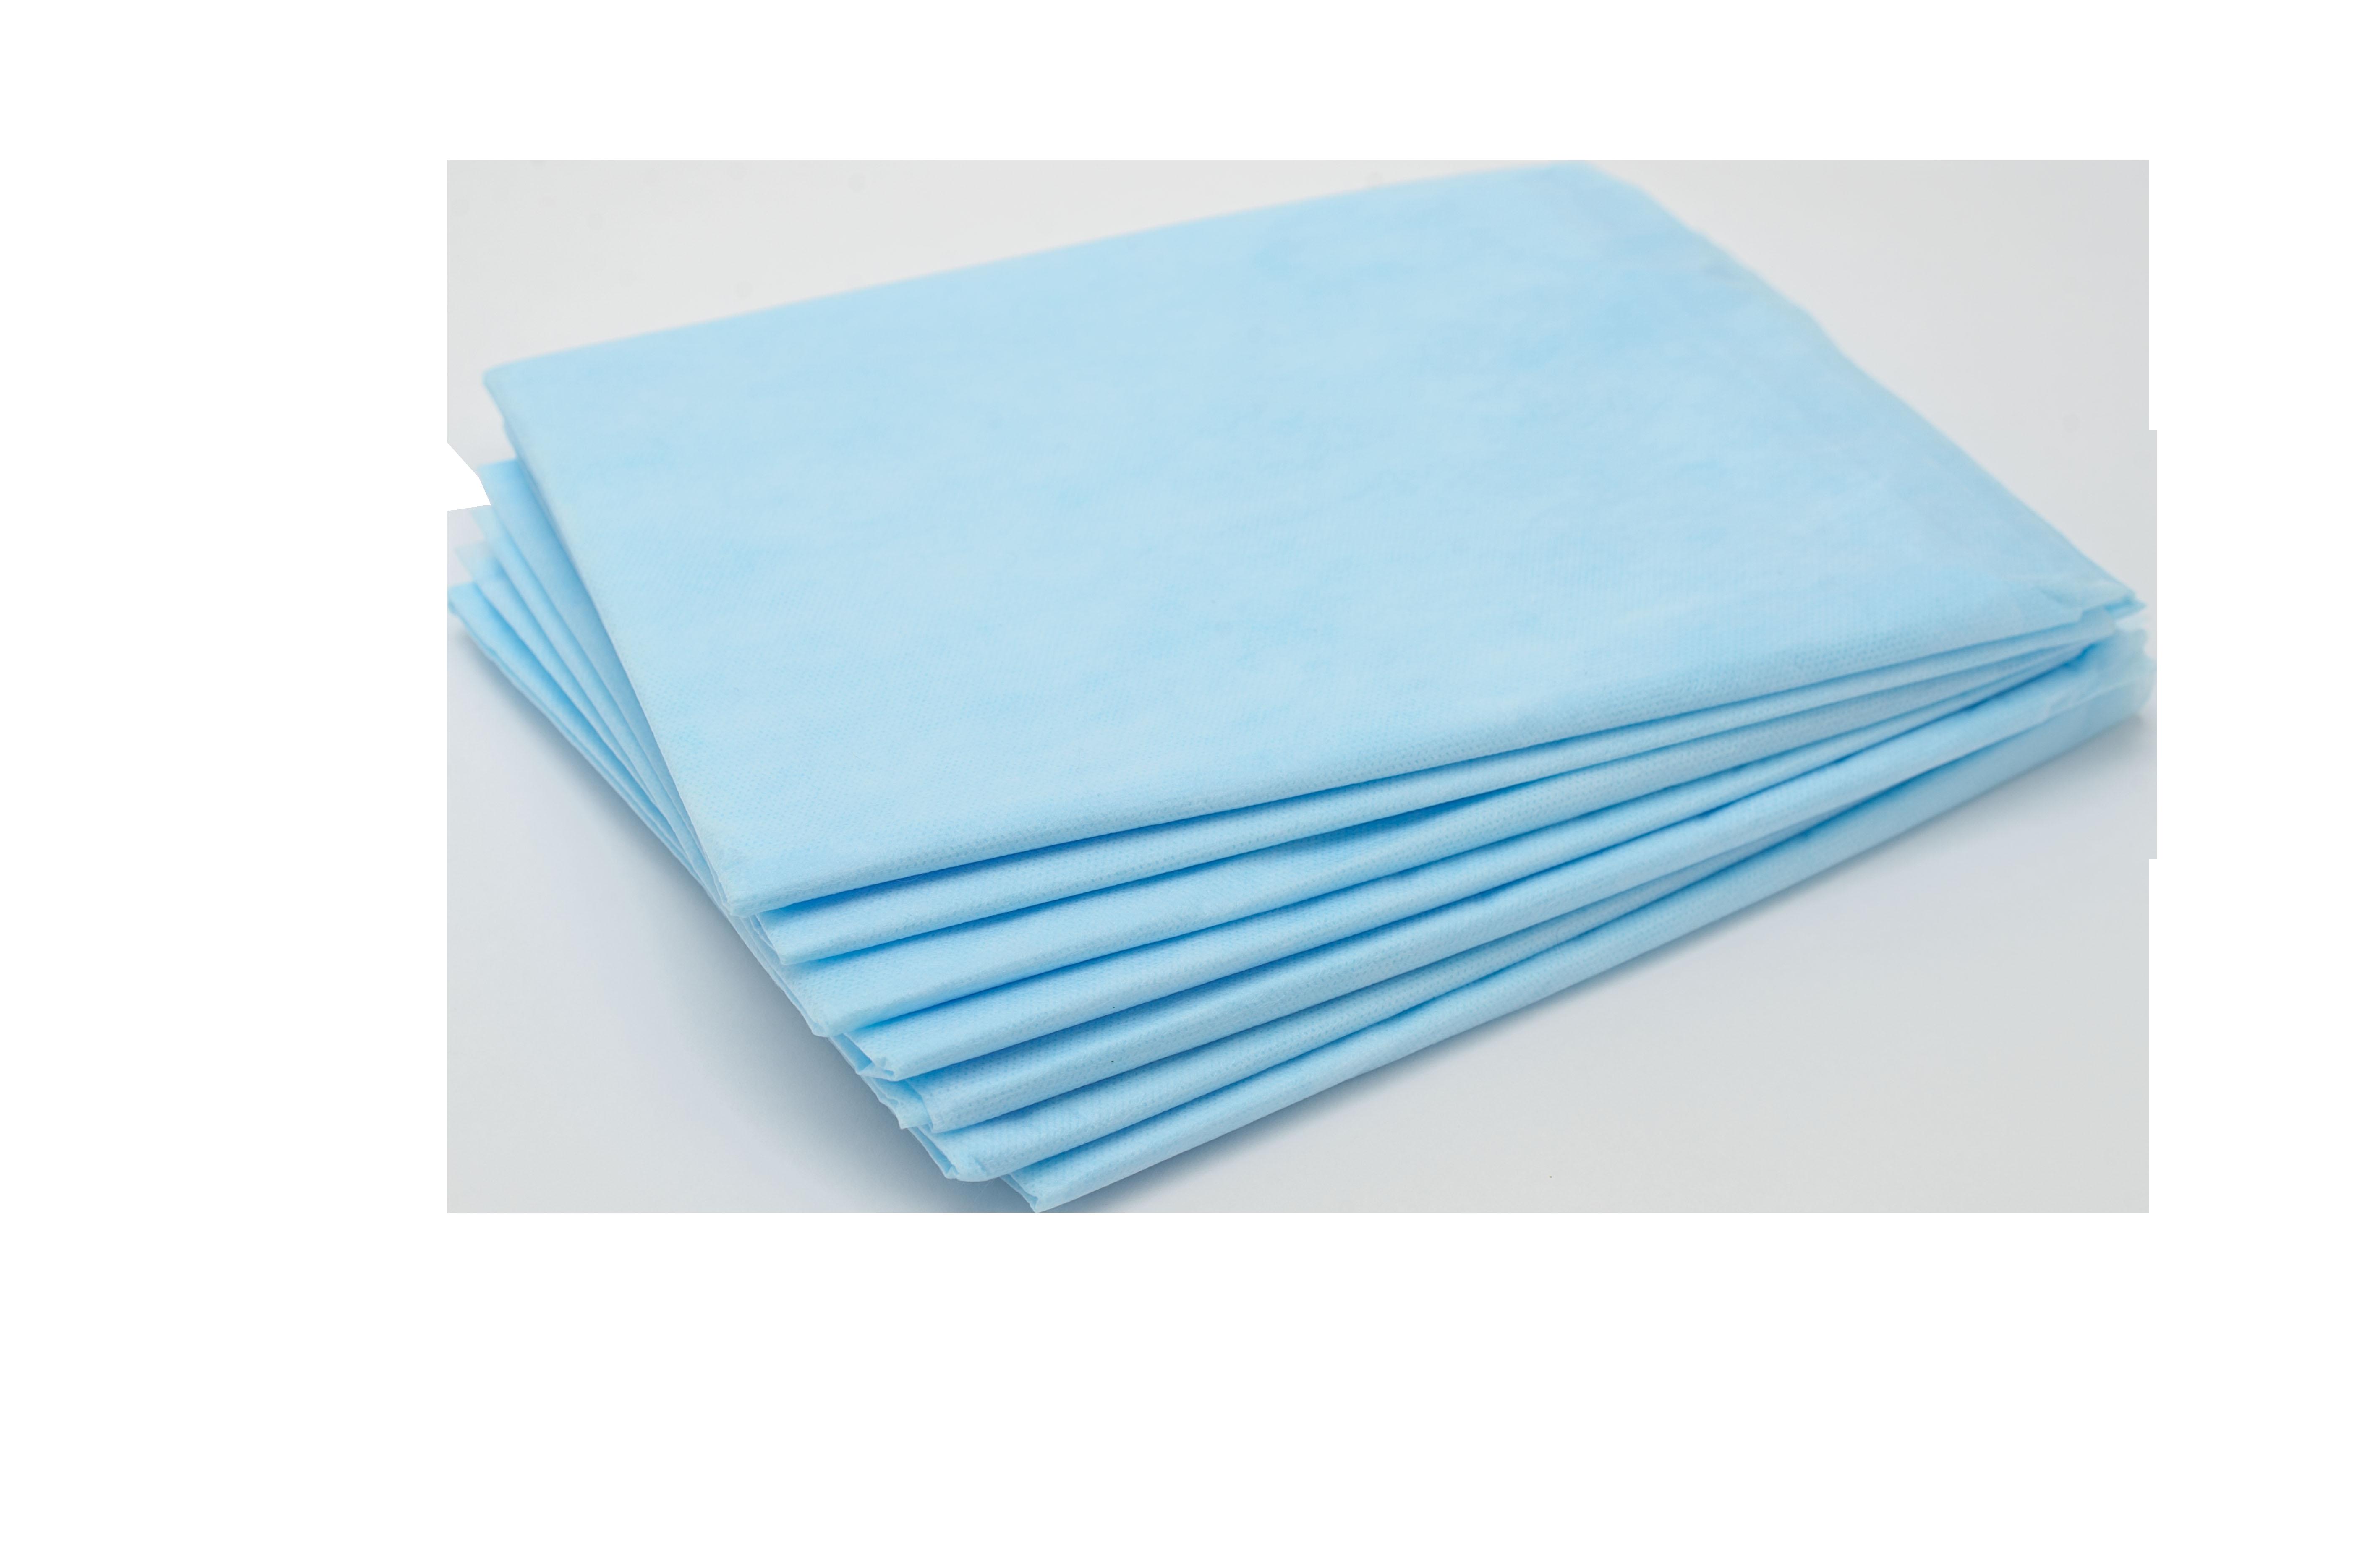 ЧИСТОВЬЕ Простыня SMS 200*80 см голубая Комфорт 20 шт/упОдноразовые простыни<br>Одноразовые многослойные простыни для проведения безопасных косметических и медицинских процедур. Выпускаются в трех вариантах, различных по плотности: стандарт, комфорт, люкс.<br>